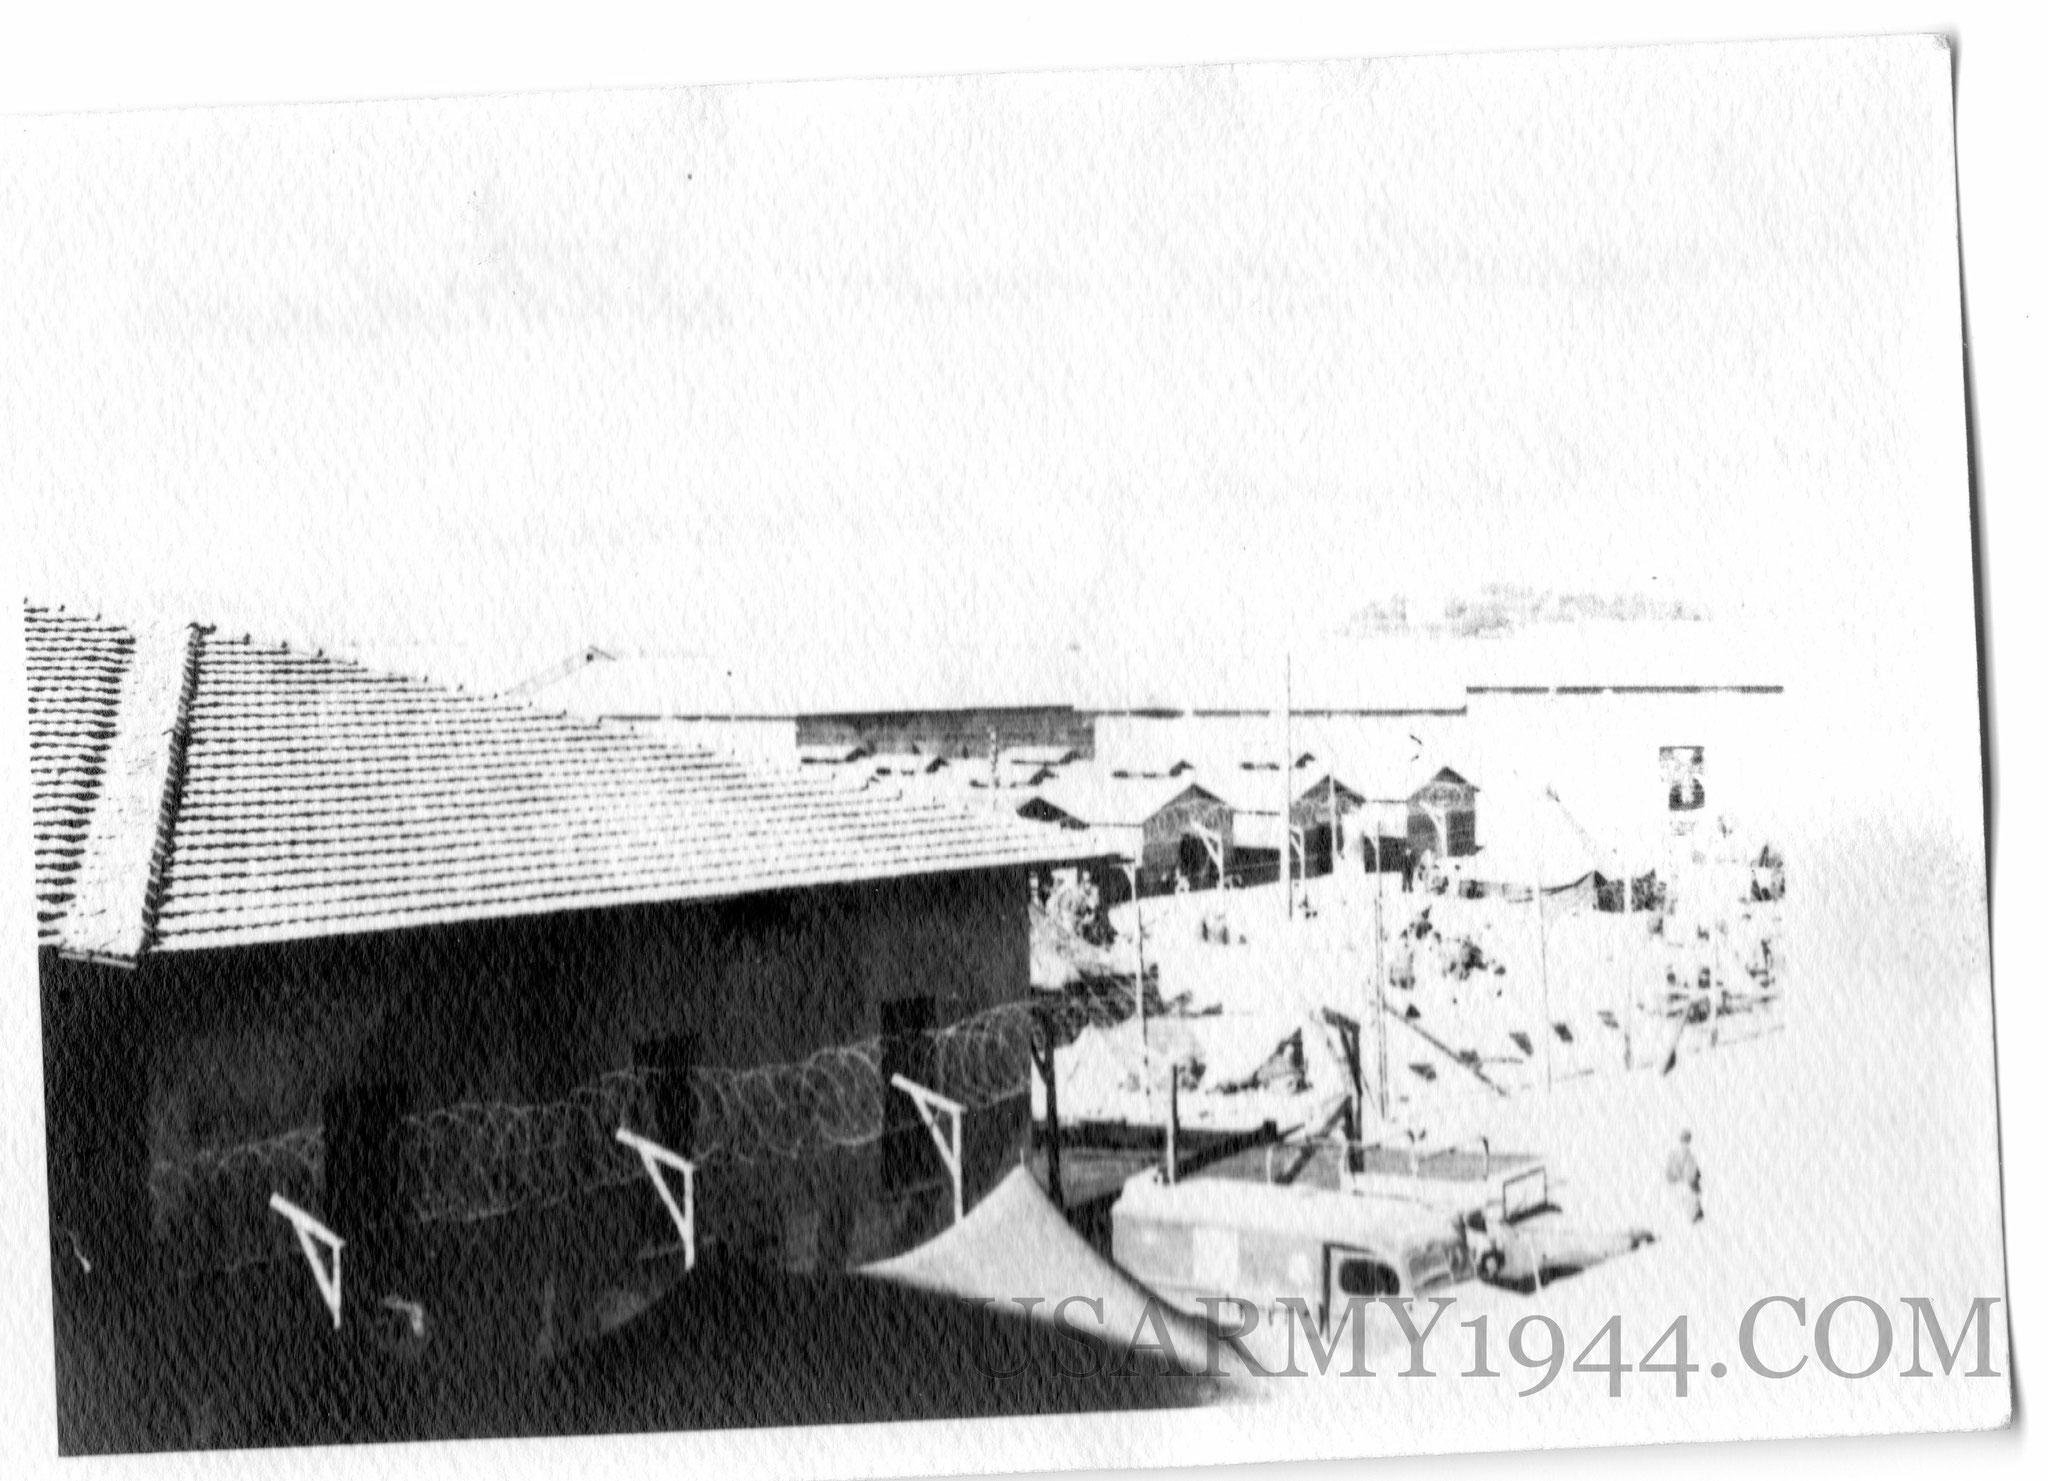 Campo di prigionieri tedeschi a Firenze